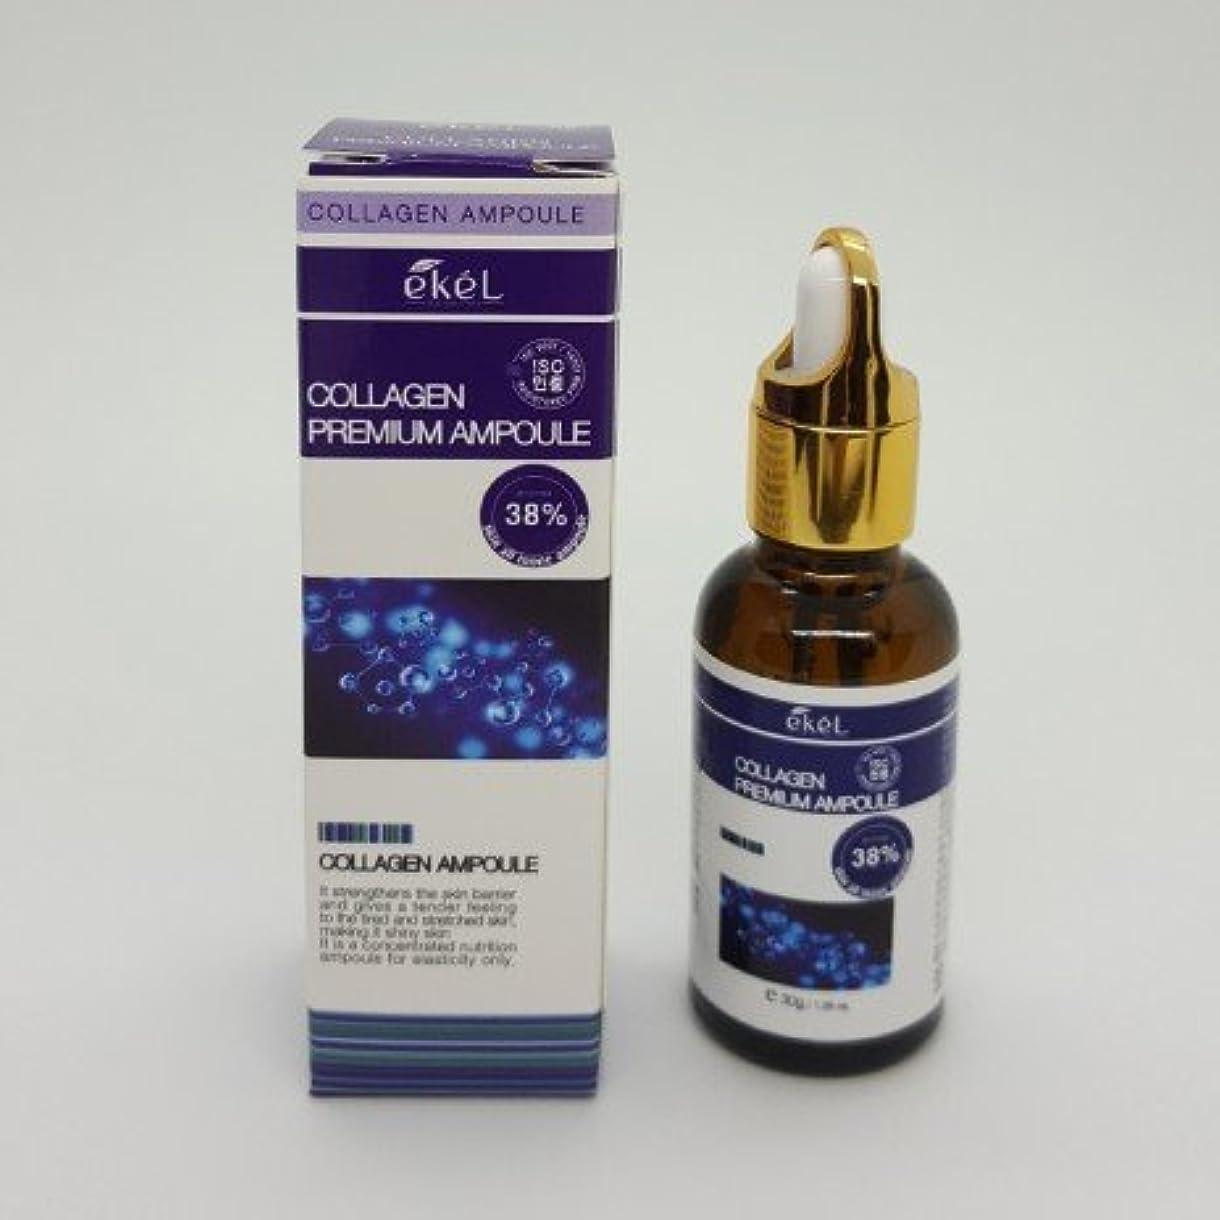 比較爆風他の場所[EKEL] Collagen Premium Ampoule 38% - 30g